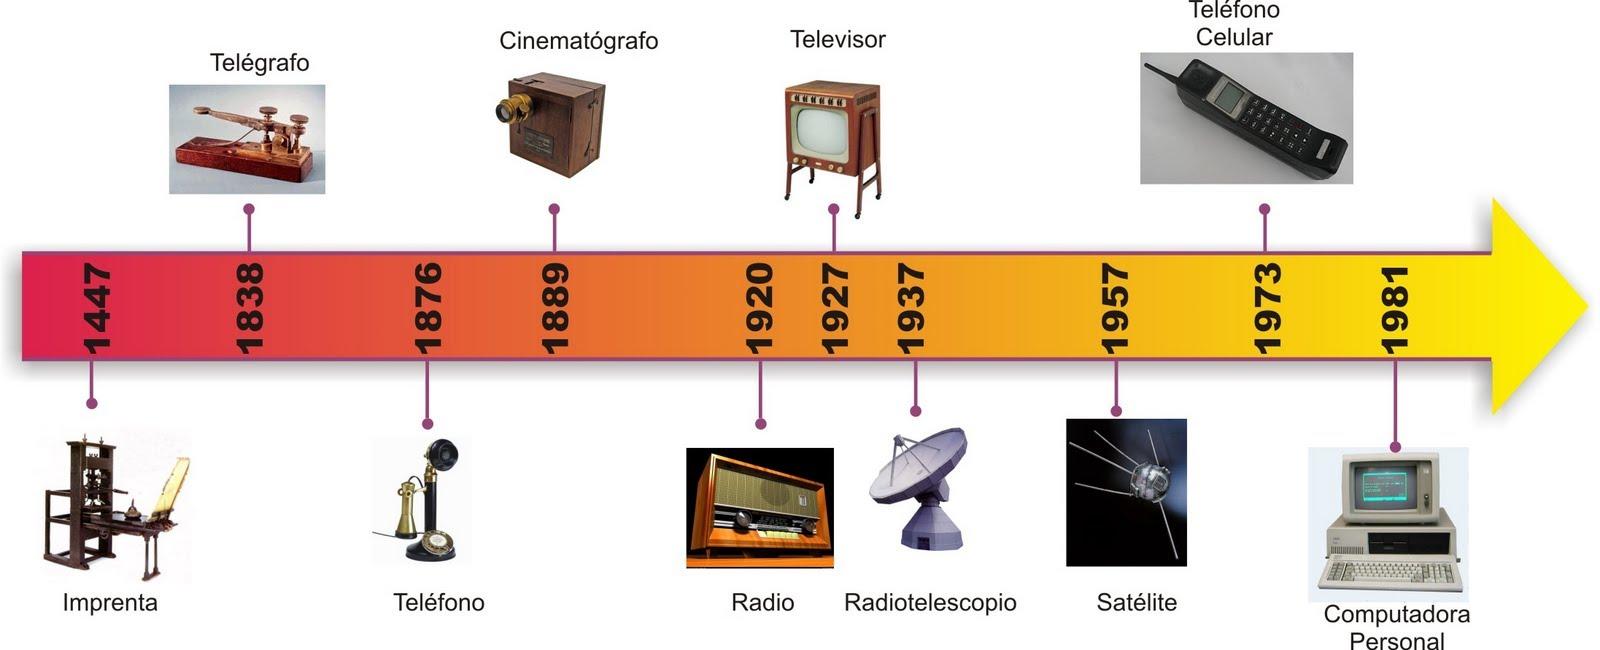 Evoluci n de la tecnolog a la ciencia ficci n y la for Linea duero oficina virtual